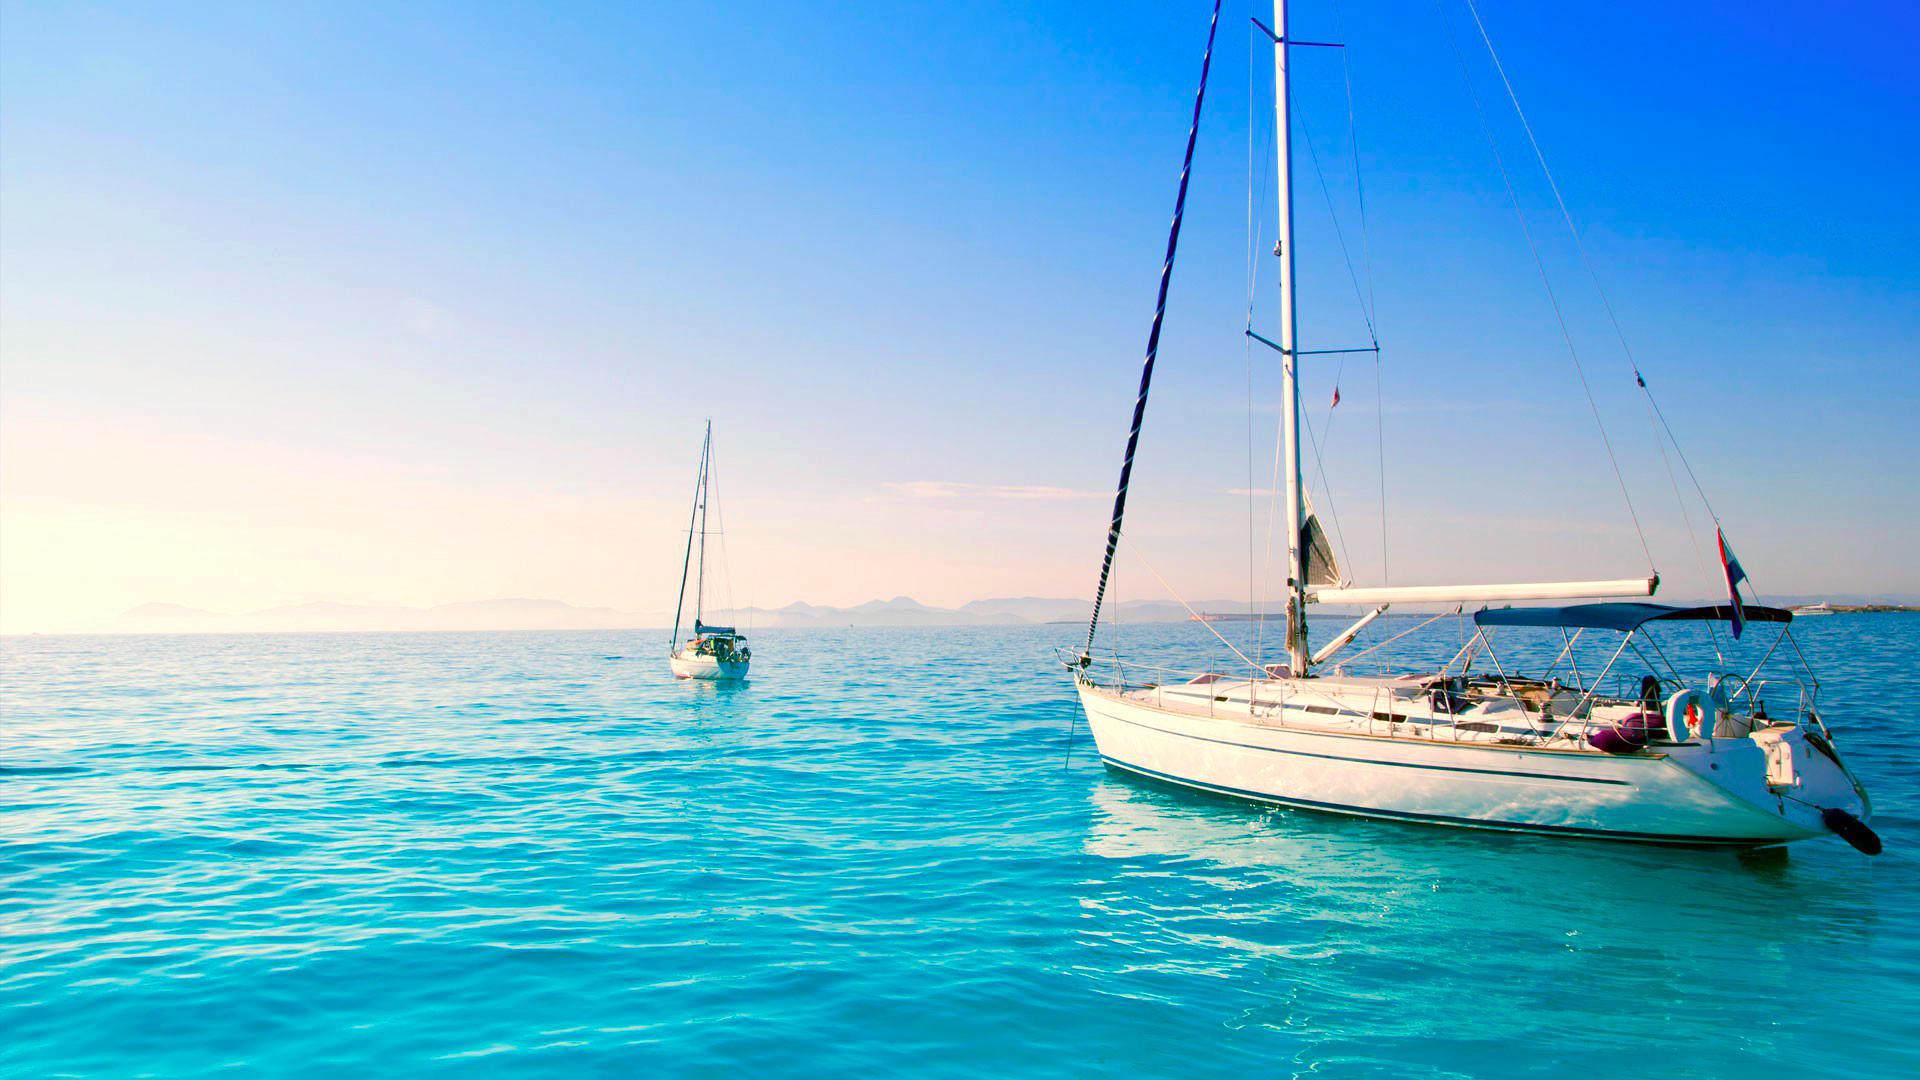 открытое море с яхтами без смс